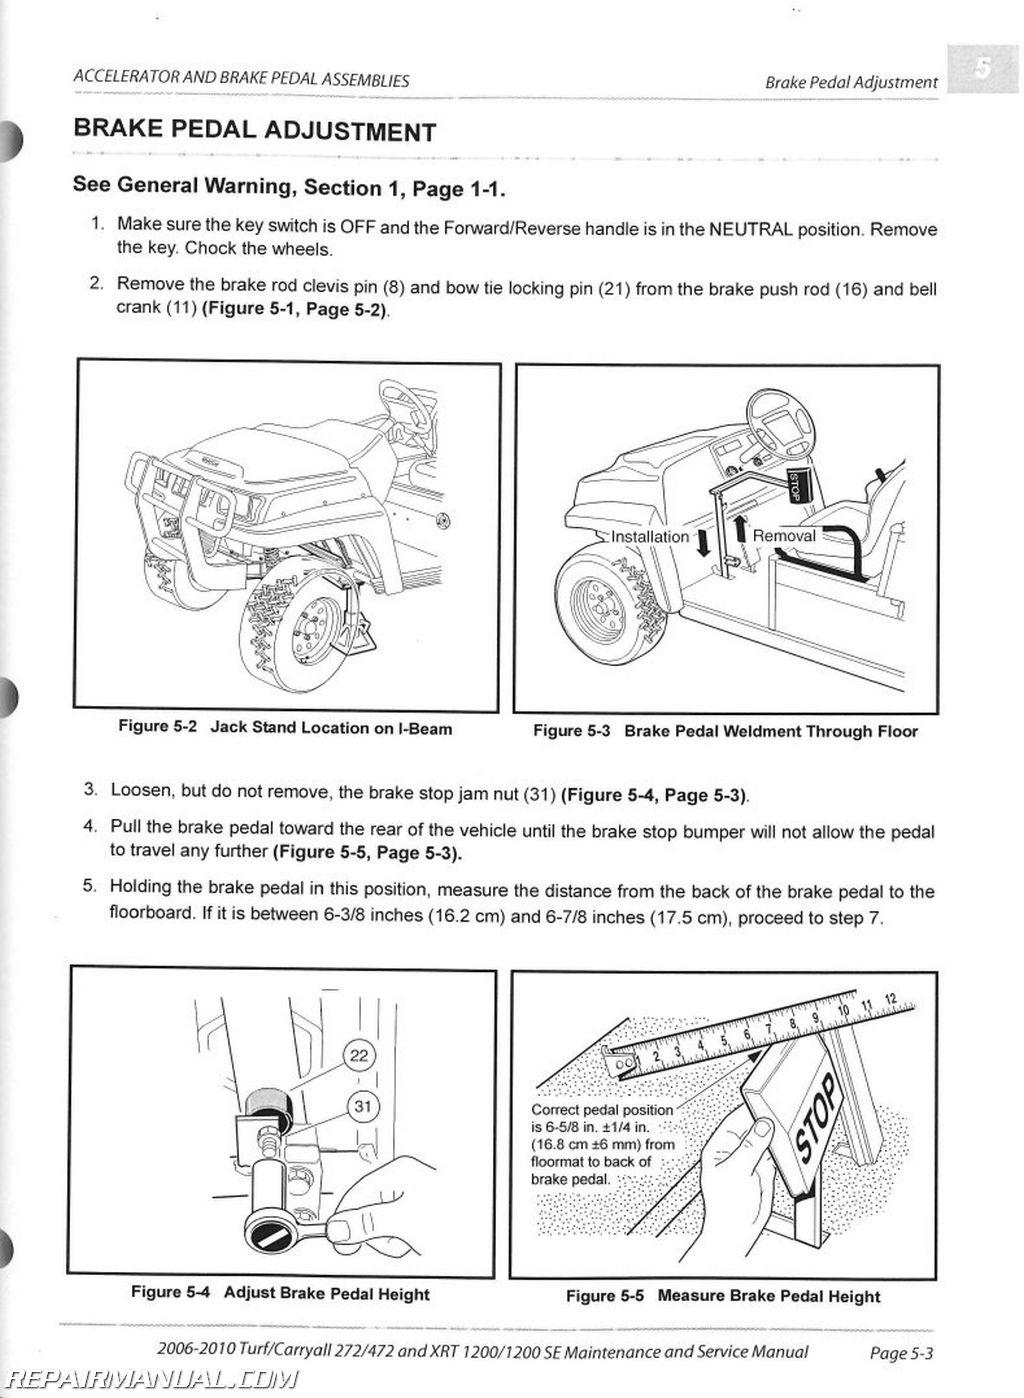 1999 Club Car Wiring Diagram Wiring 2013 Gasoline Carryall 6 Club